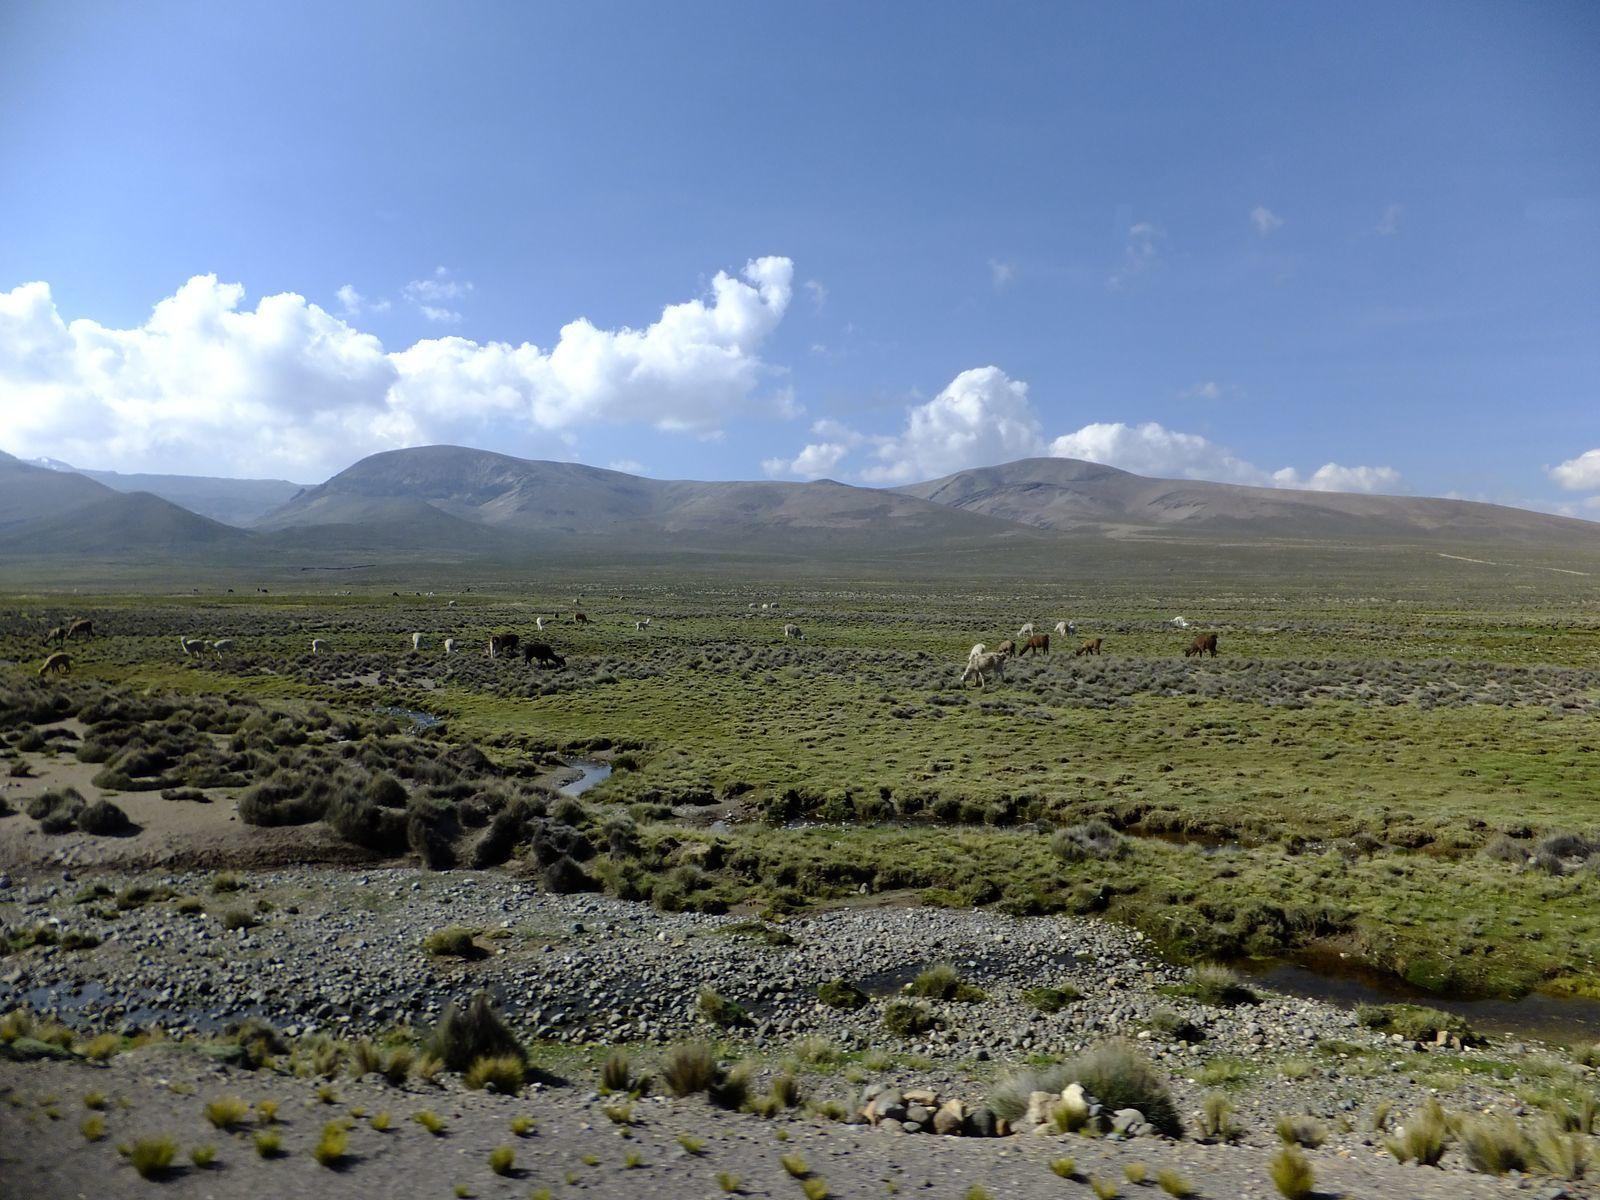 La vallée de Colca : la splendeur des paysages péruviens !